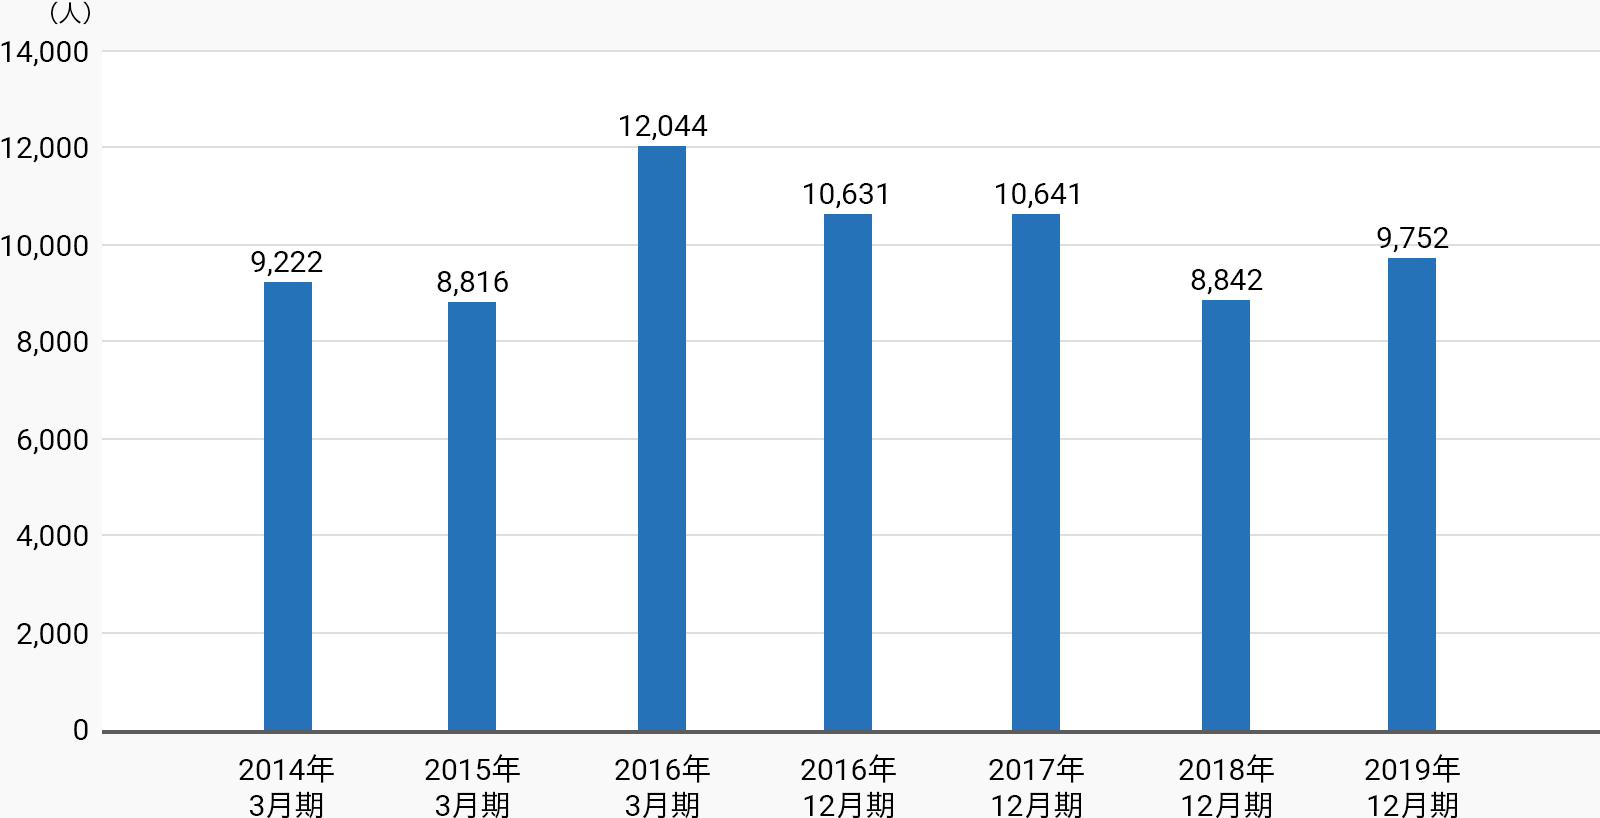 2014年3月期9,222人、2015年3月期8,816人、2016年3月期12,044人、2016年12月期10,631人、2017年12月期10,641人、2018年12月期8,842人、2019年12月期9,752人